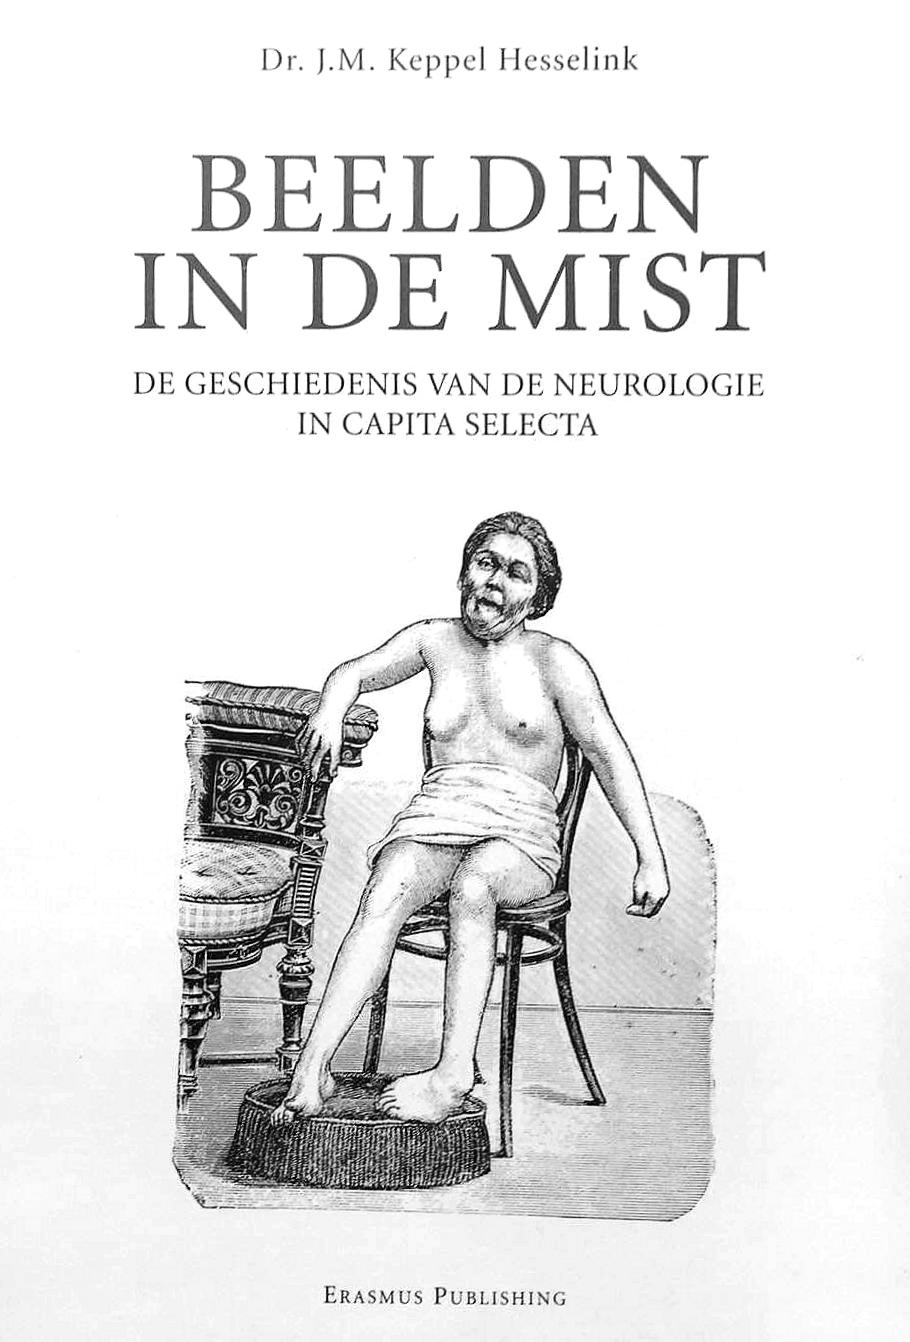 boek beelden in de mist  Prof. dr. J.M. Keppel Hesselink